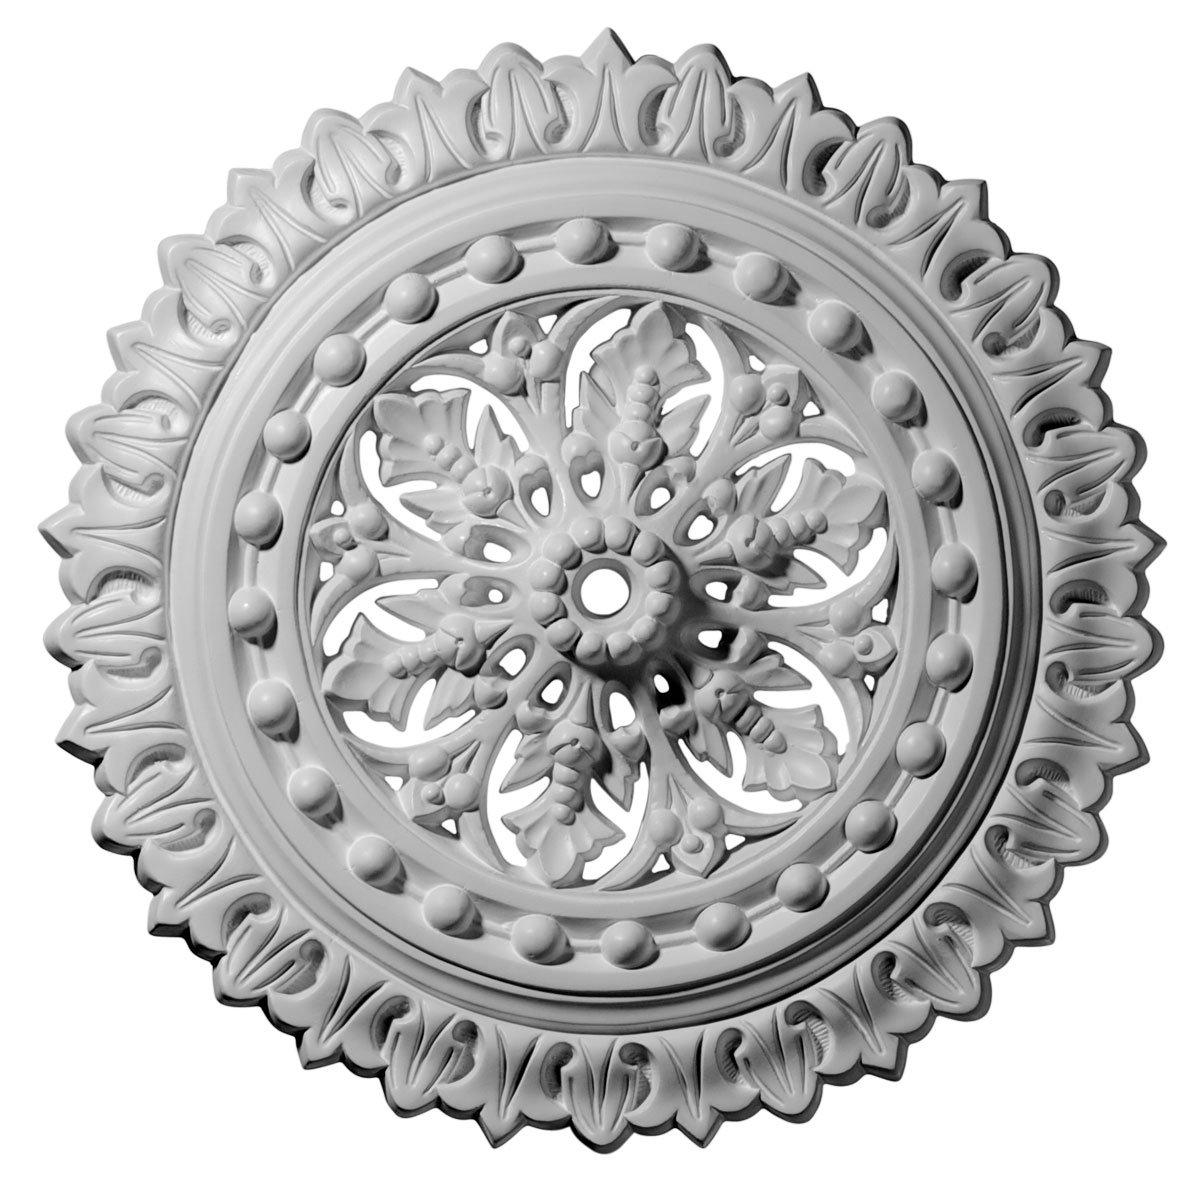 Ekena Millwork CM18SK 18 1/2-Inch OD x 1 1/8-Inch ID x 1 1/2-Inch Sellek Ceiling Medallion